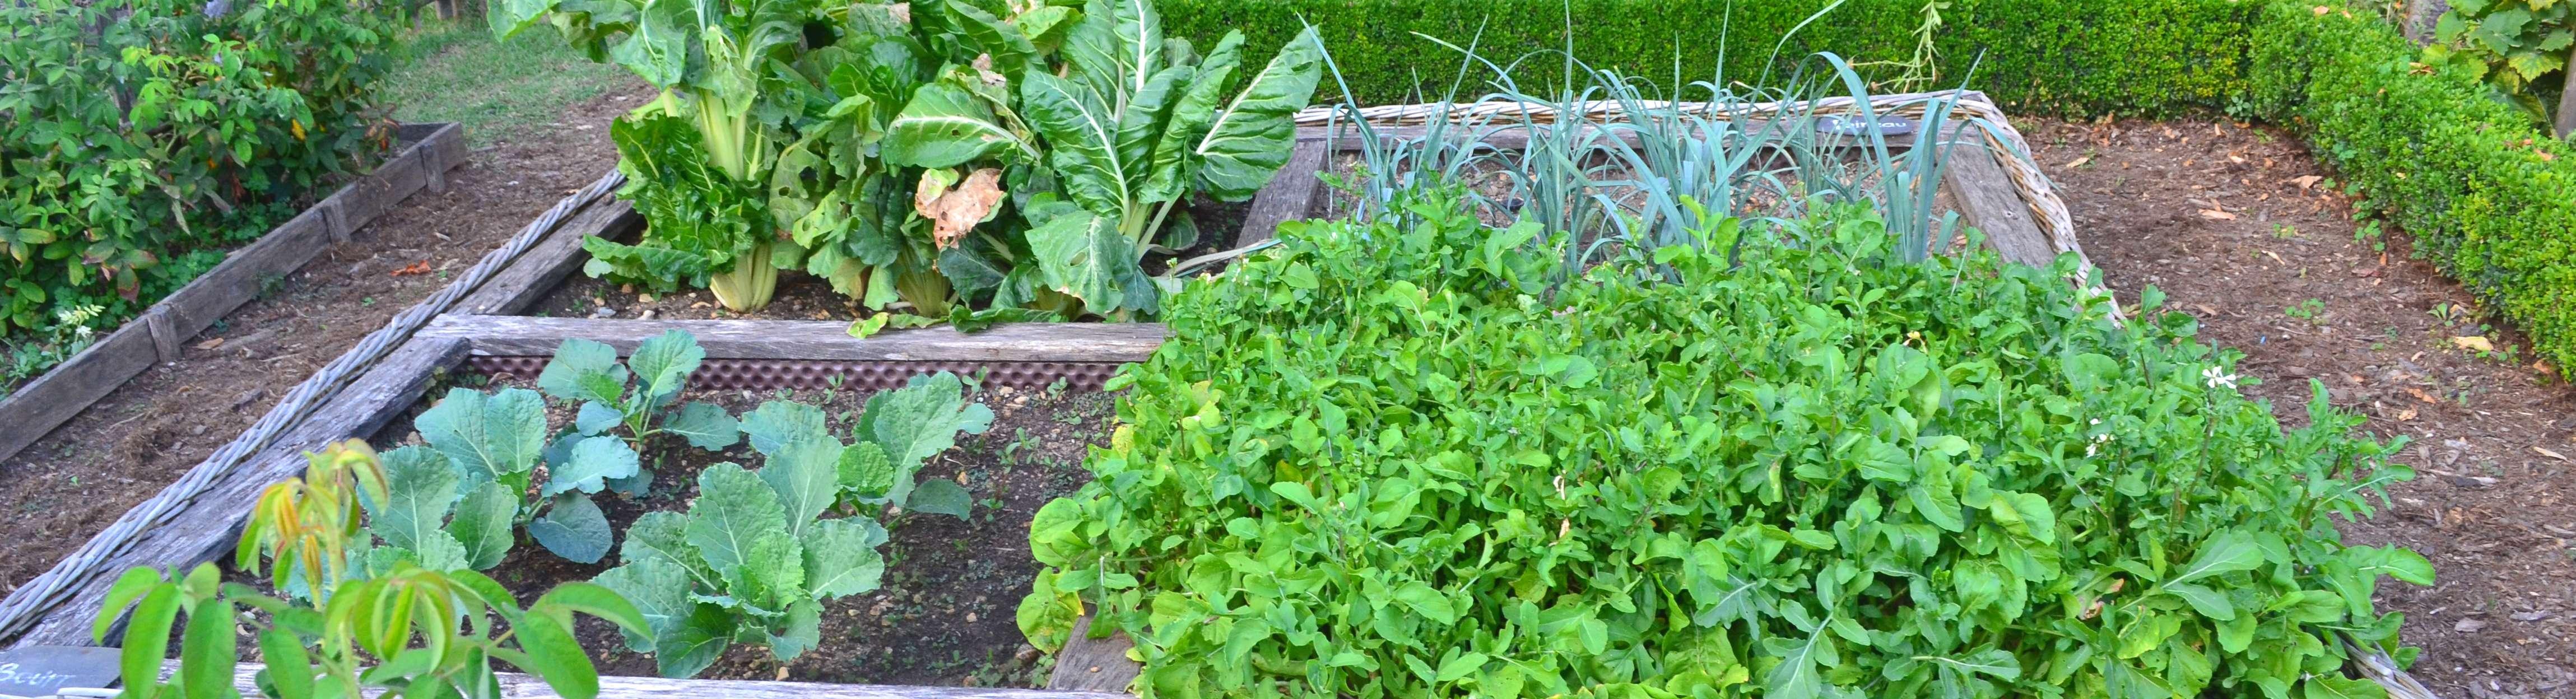 Equipement du potager, récolte et stockage